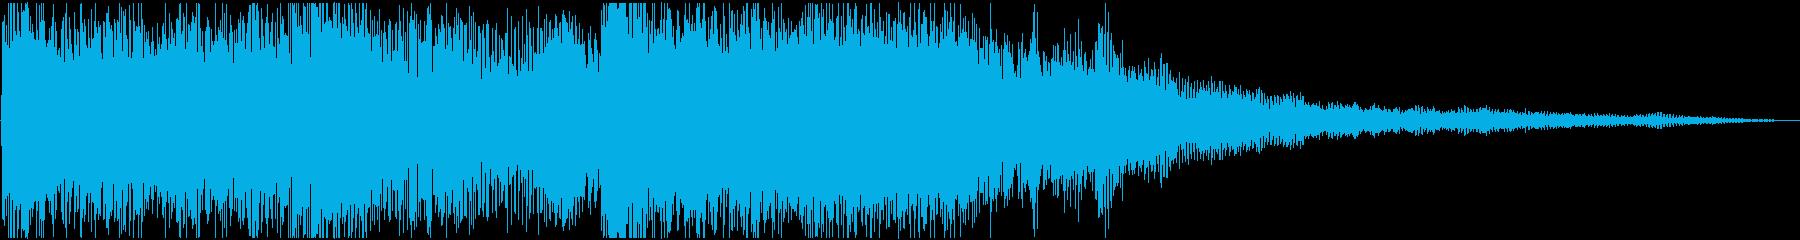 【シネマティック】 HIT_05 衝動の再生済みの波形